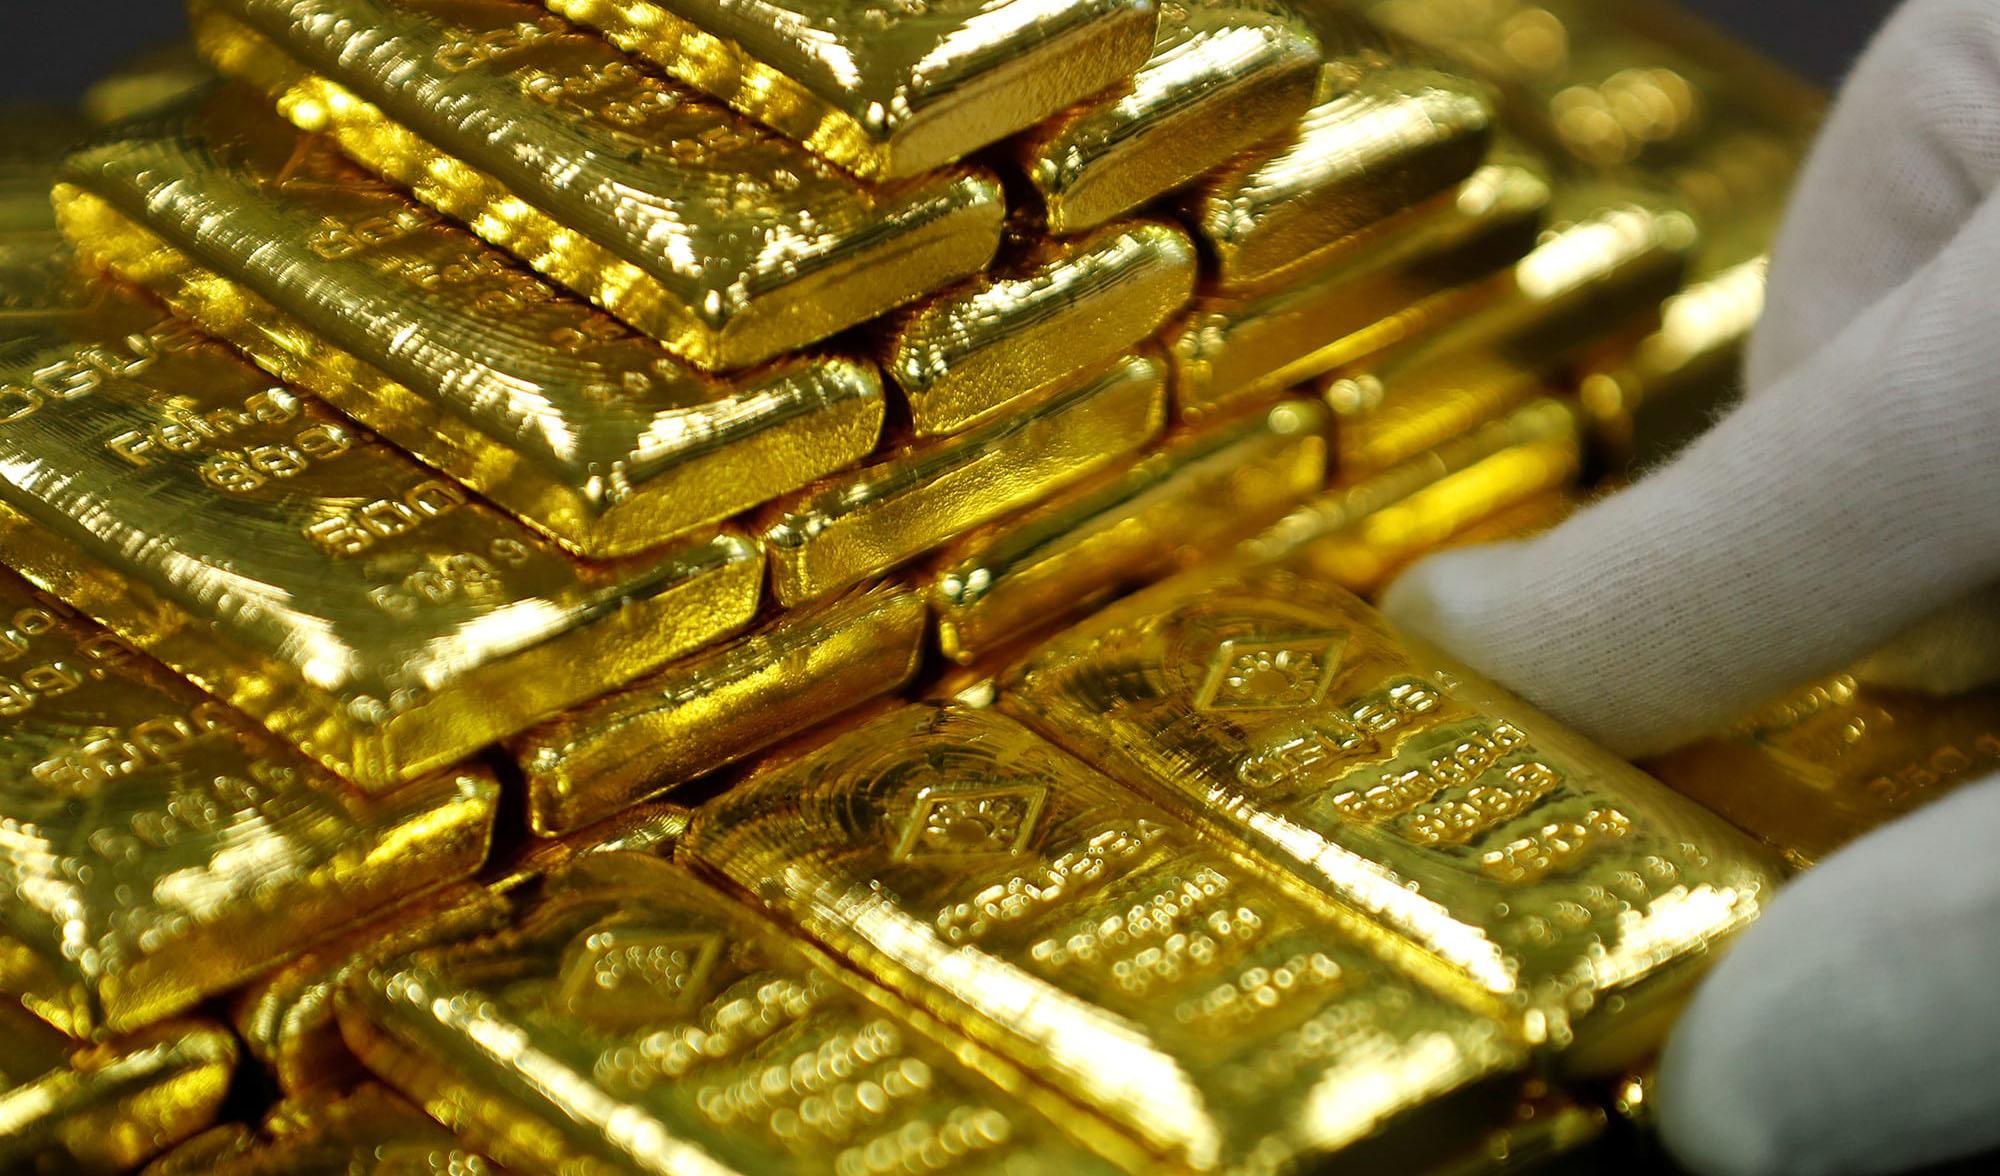 بهای جهانی فلز زرد باز هم رکورد زد